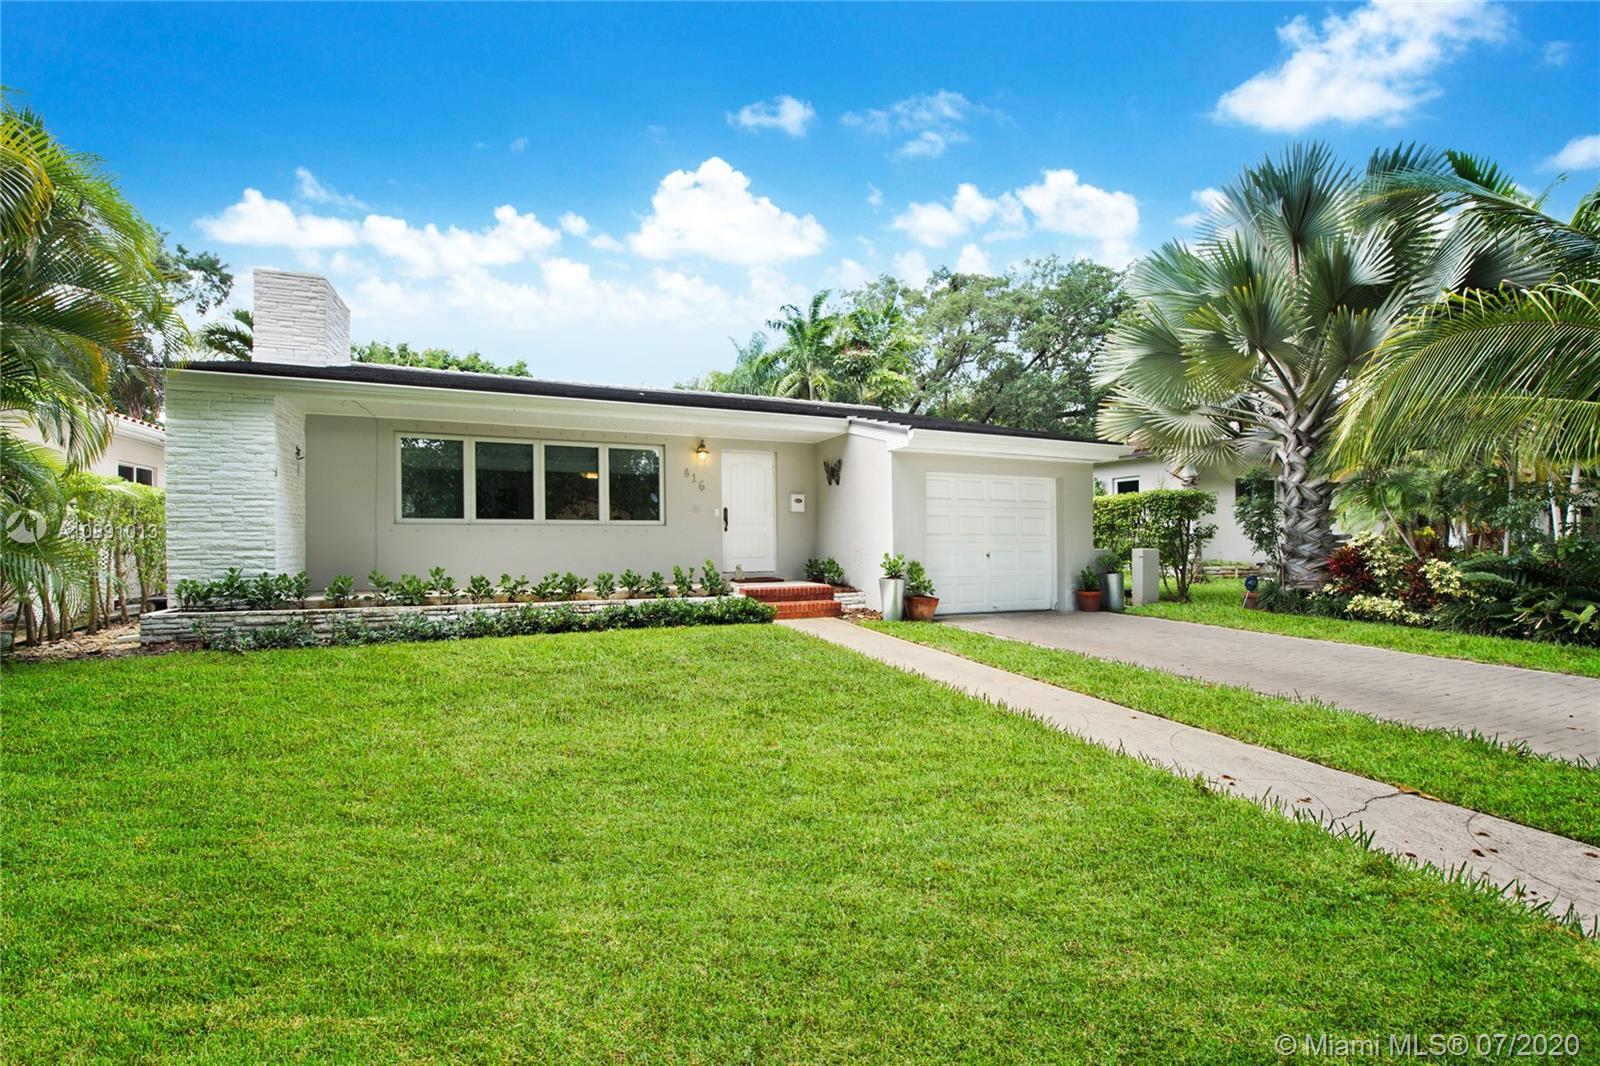 816  Almeria Ave  For Sale A10891013, FL